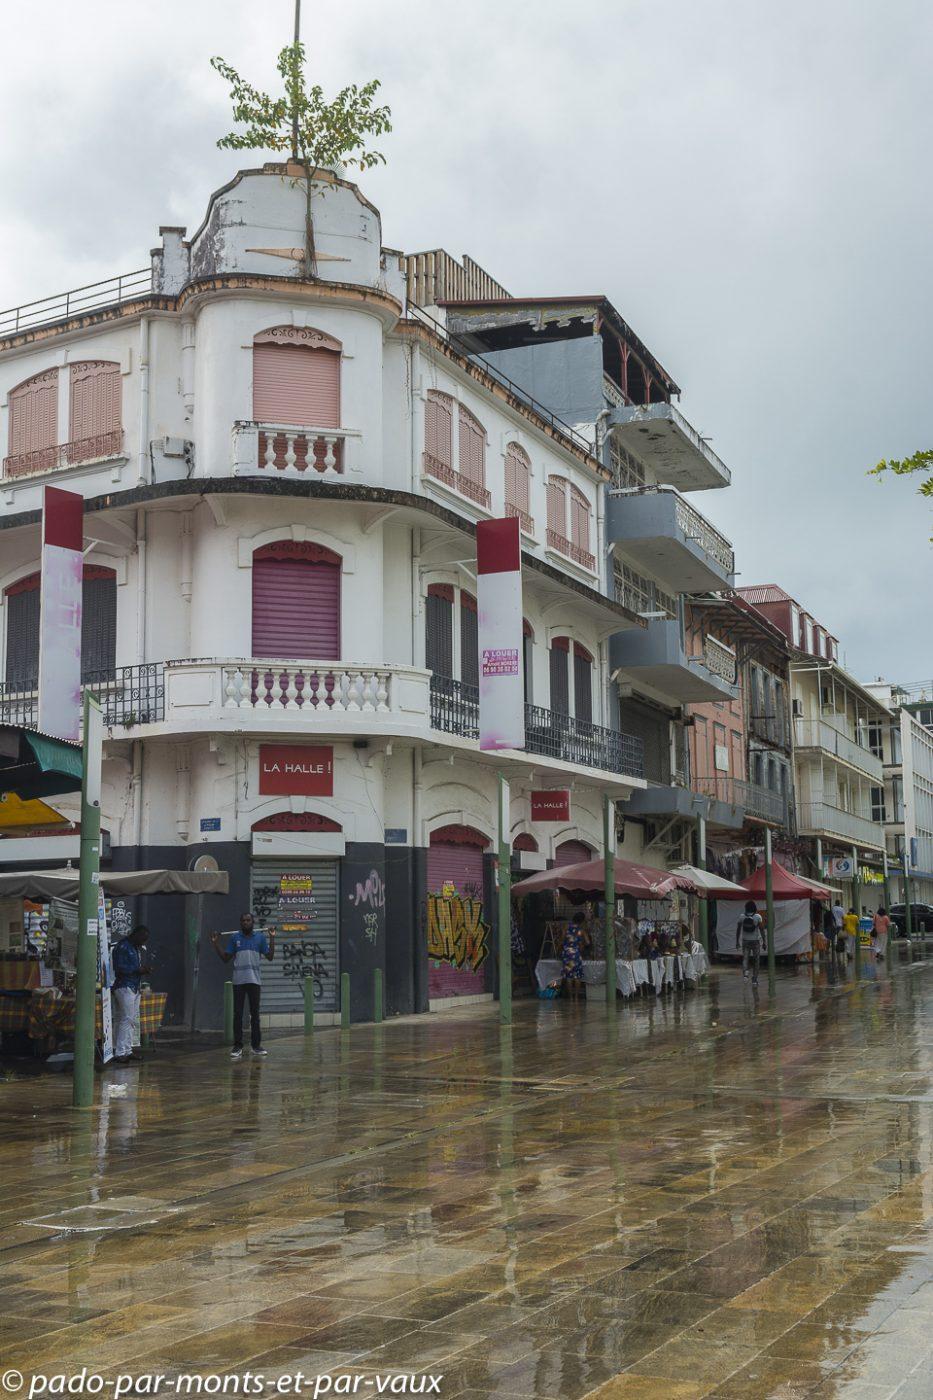 2021-Guadeloupe- Pointe à Pitre- Place de la Liberté